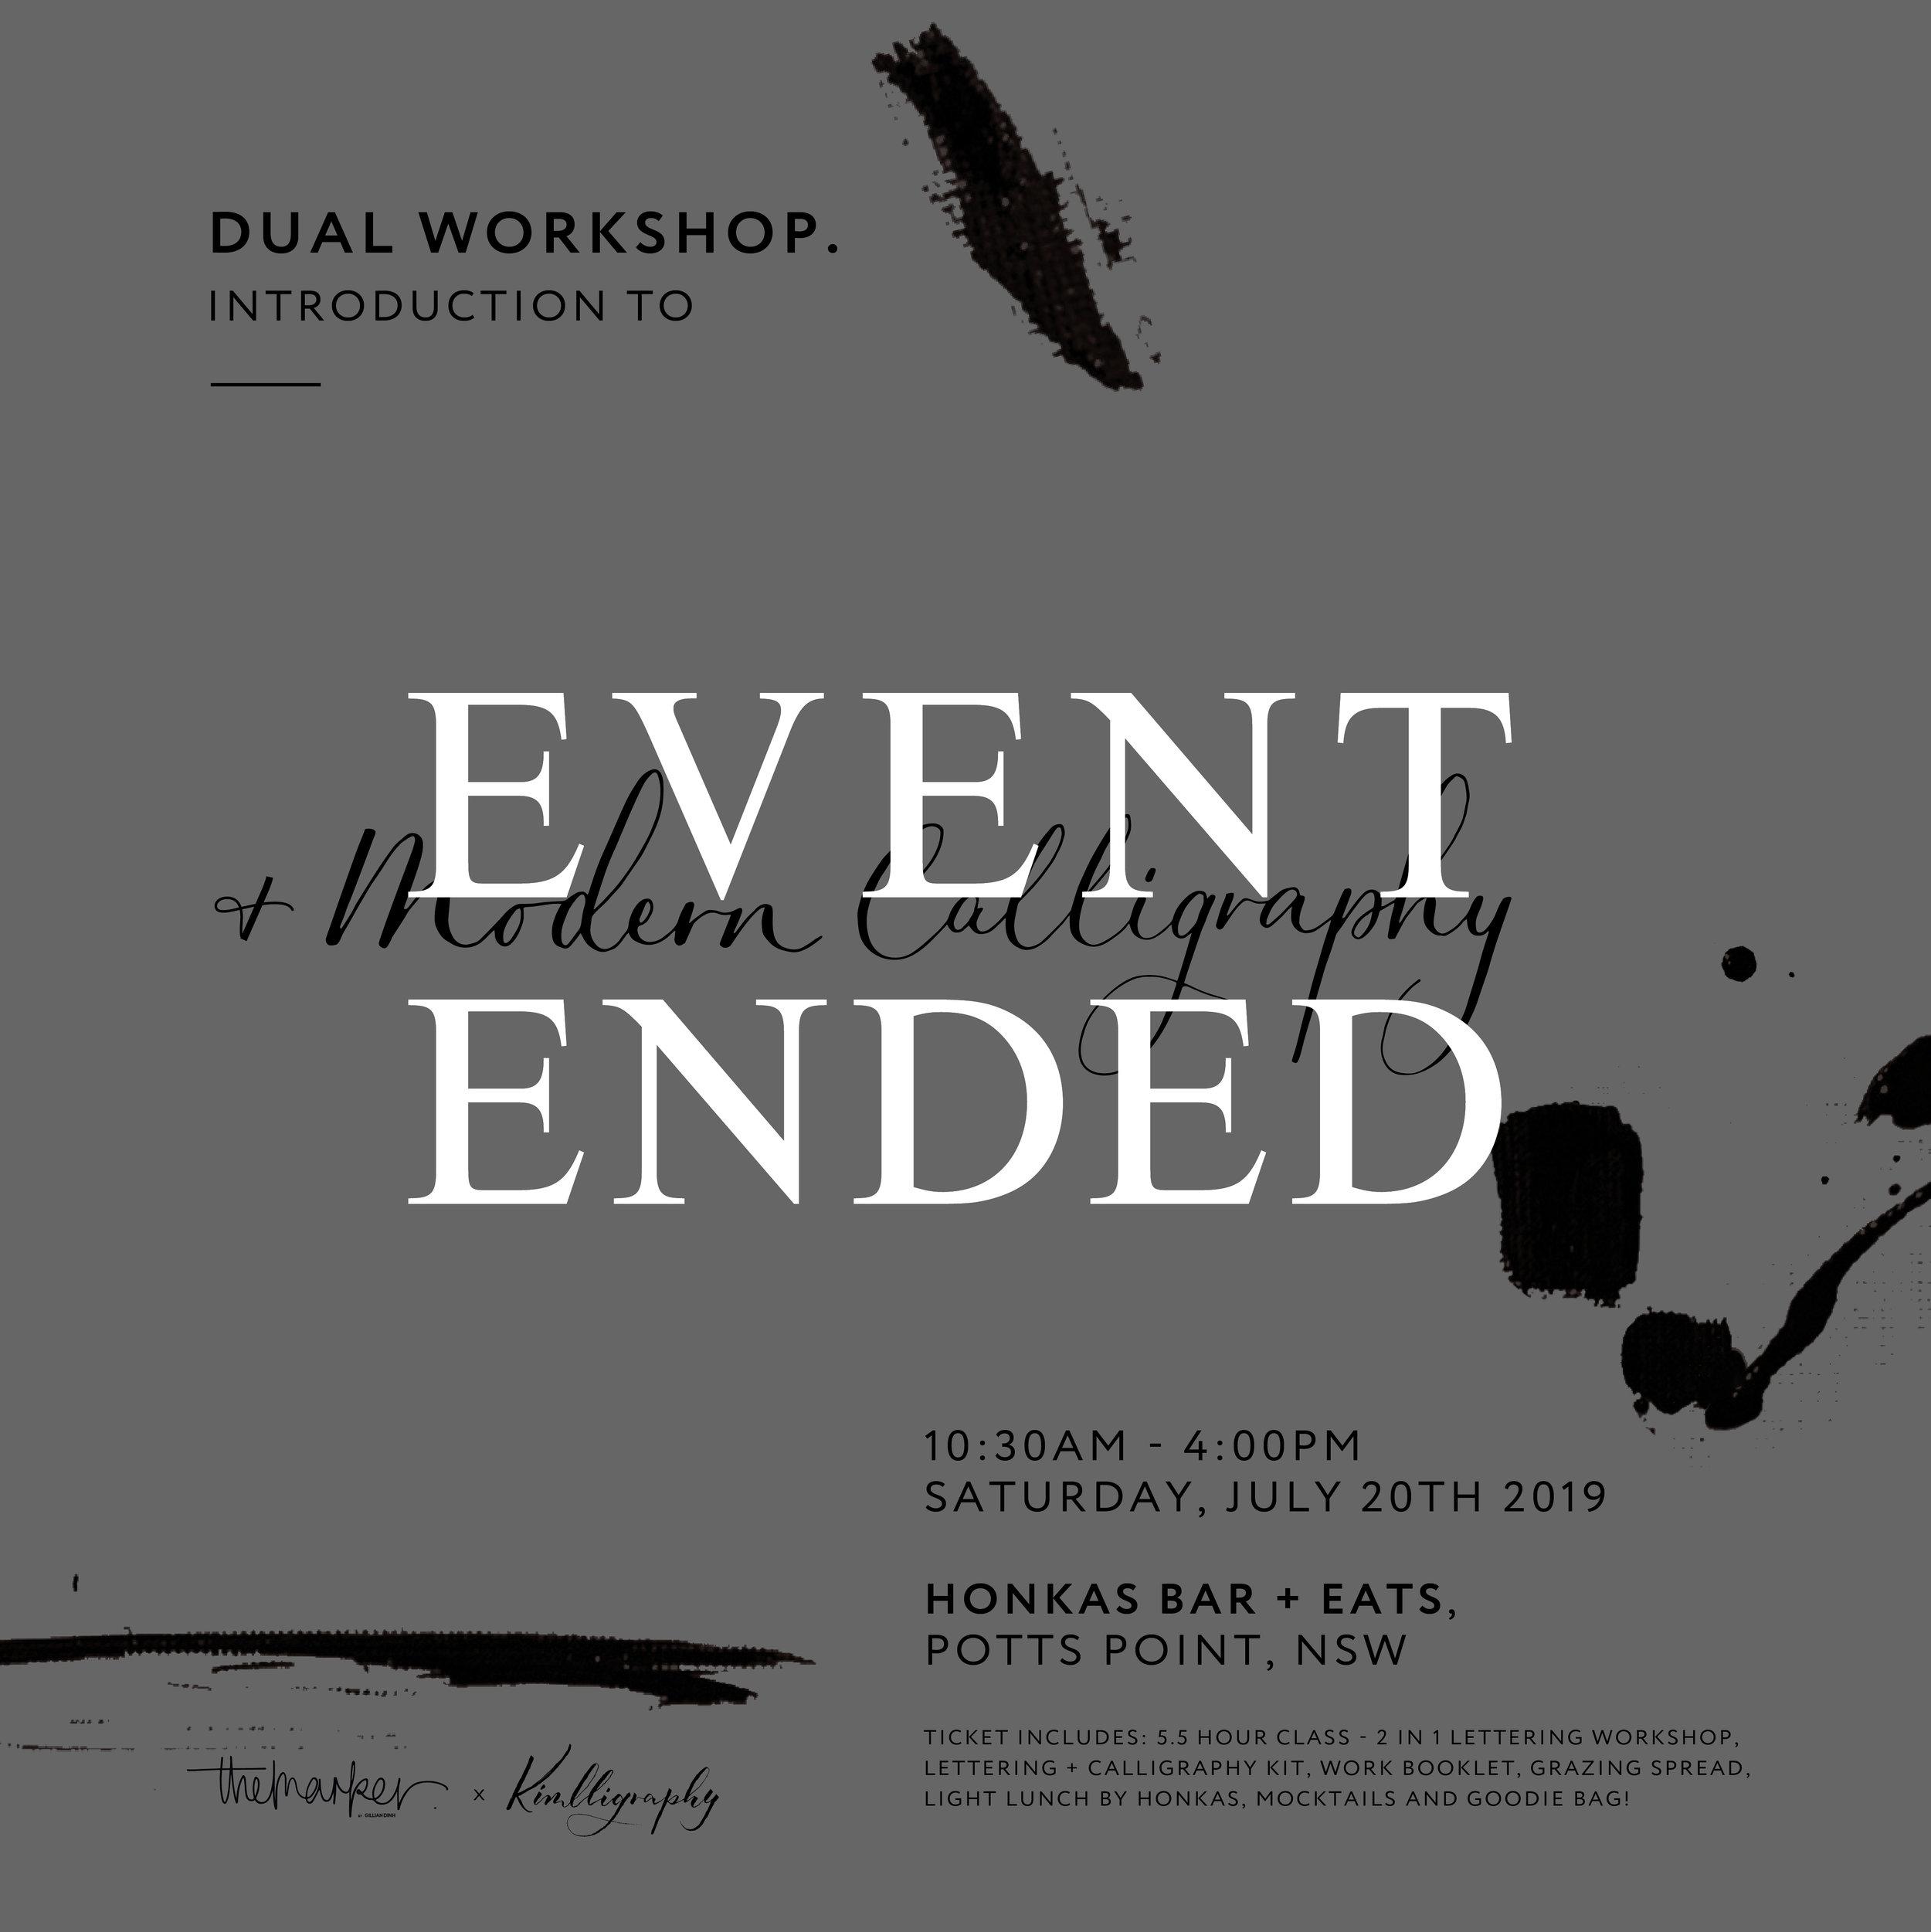 EVENT ENDED dual workshop square-01.jpg